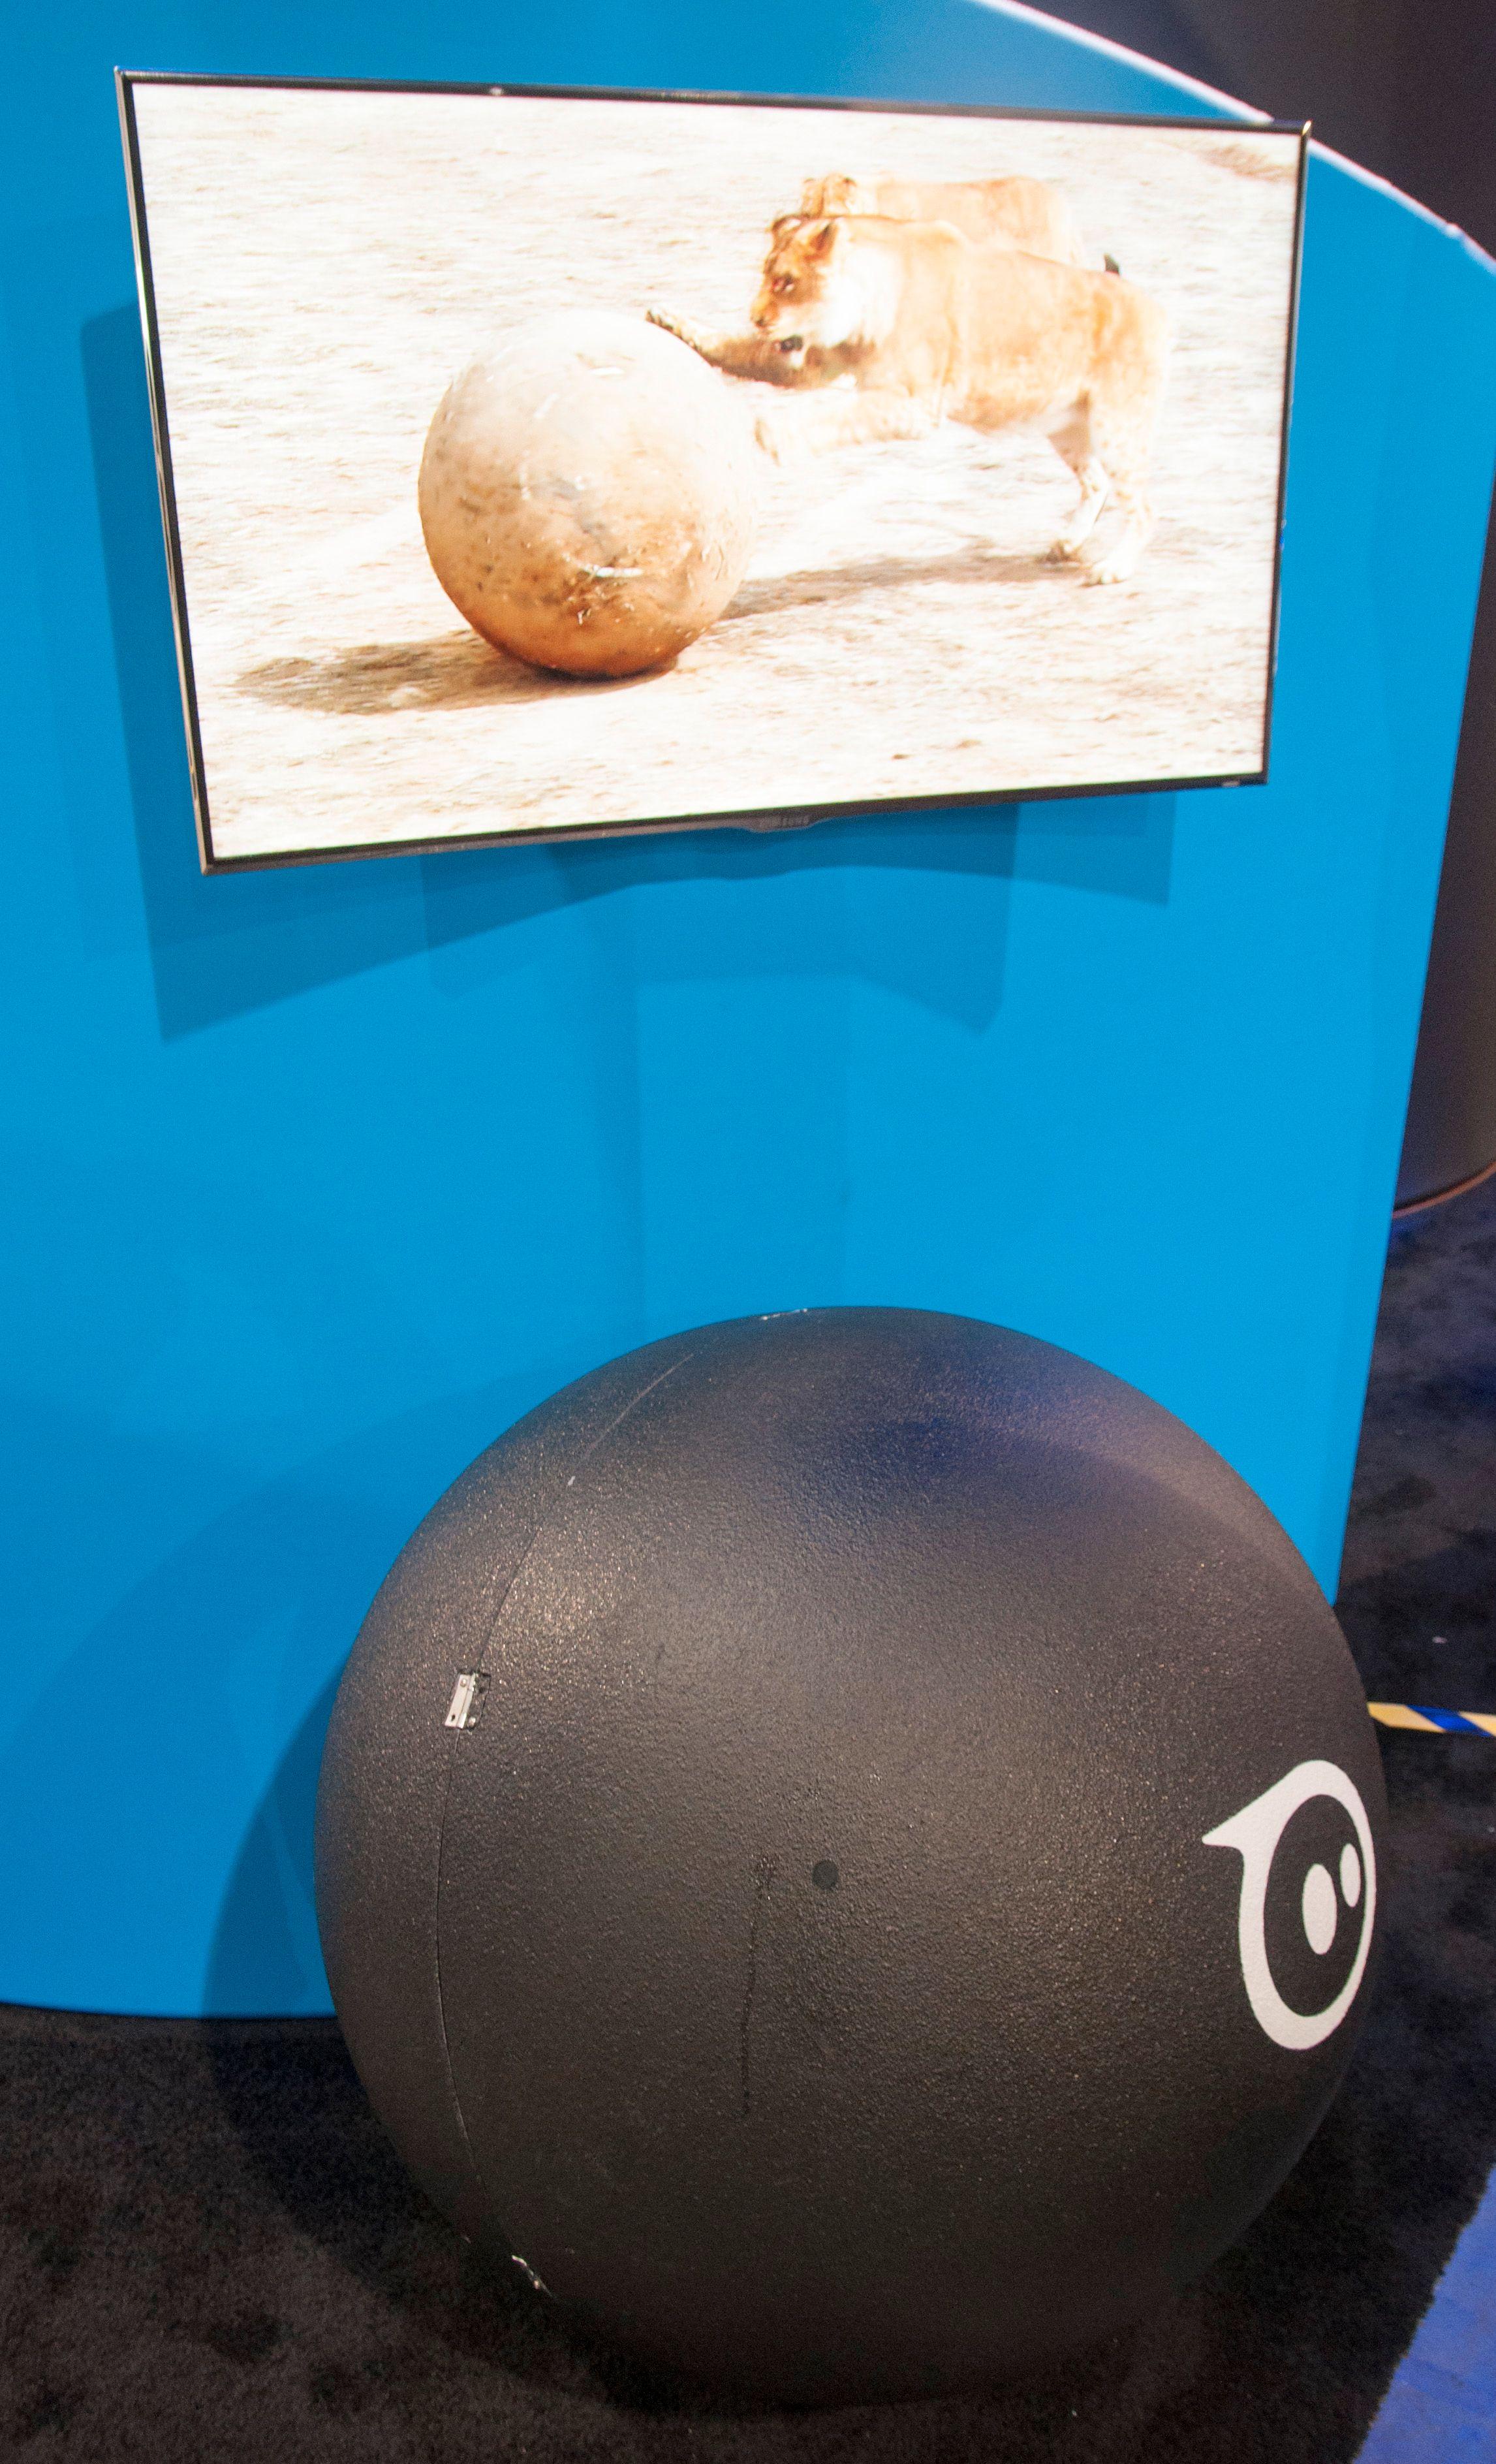 Som del av et PR-stunt lagde Orbotix en gigantversjon av Sphero, som blant annet ble brukt som